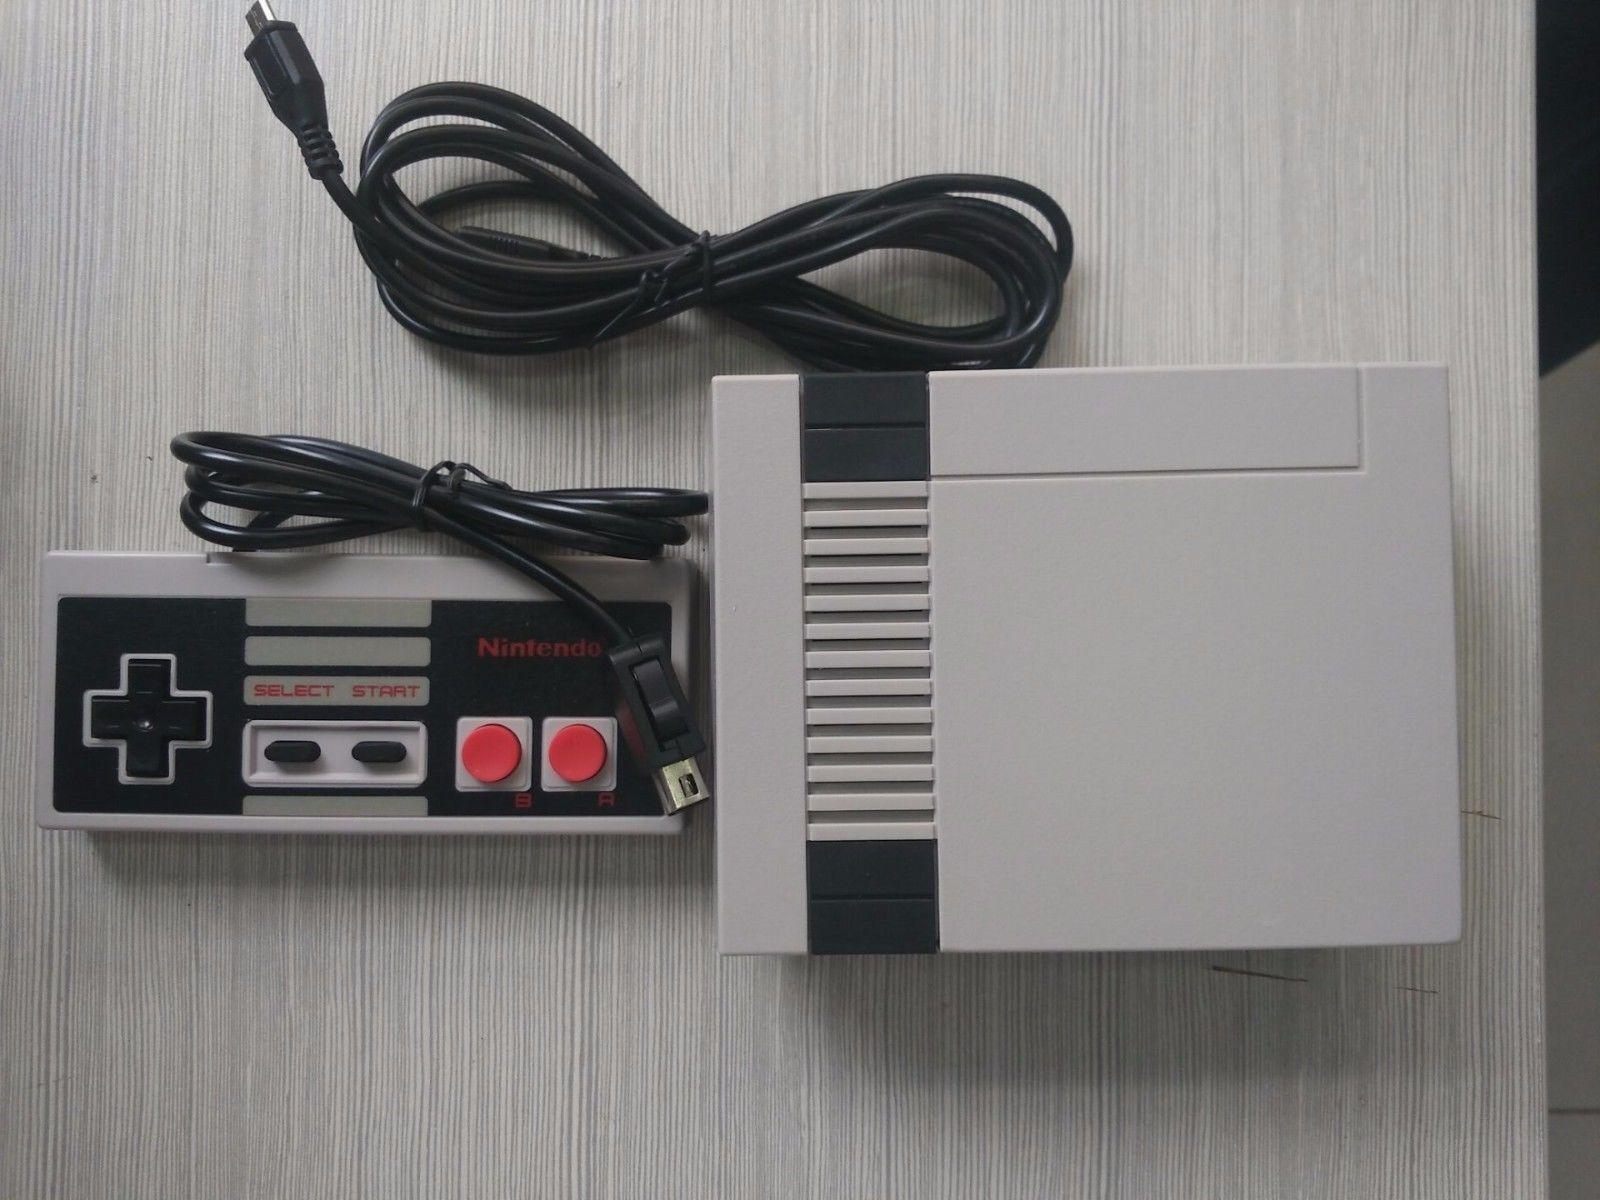 Появилась копия Nintendo NES Classic Mini, почти неотличимая от настоящей - «Новости сети»